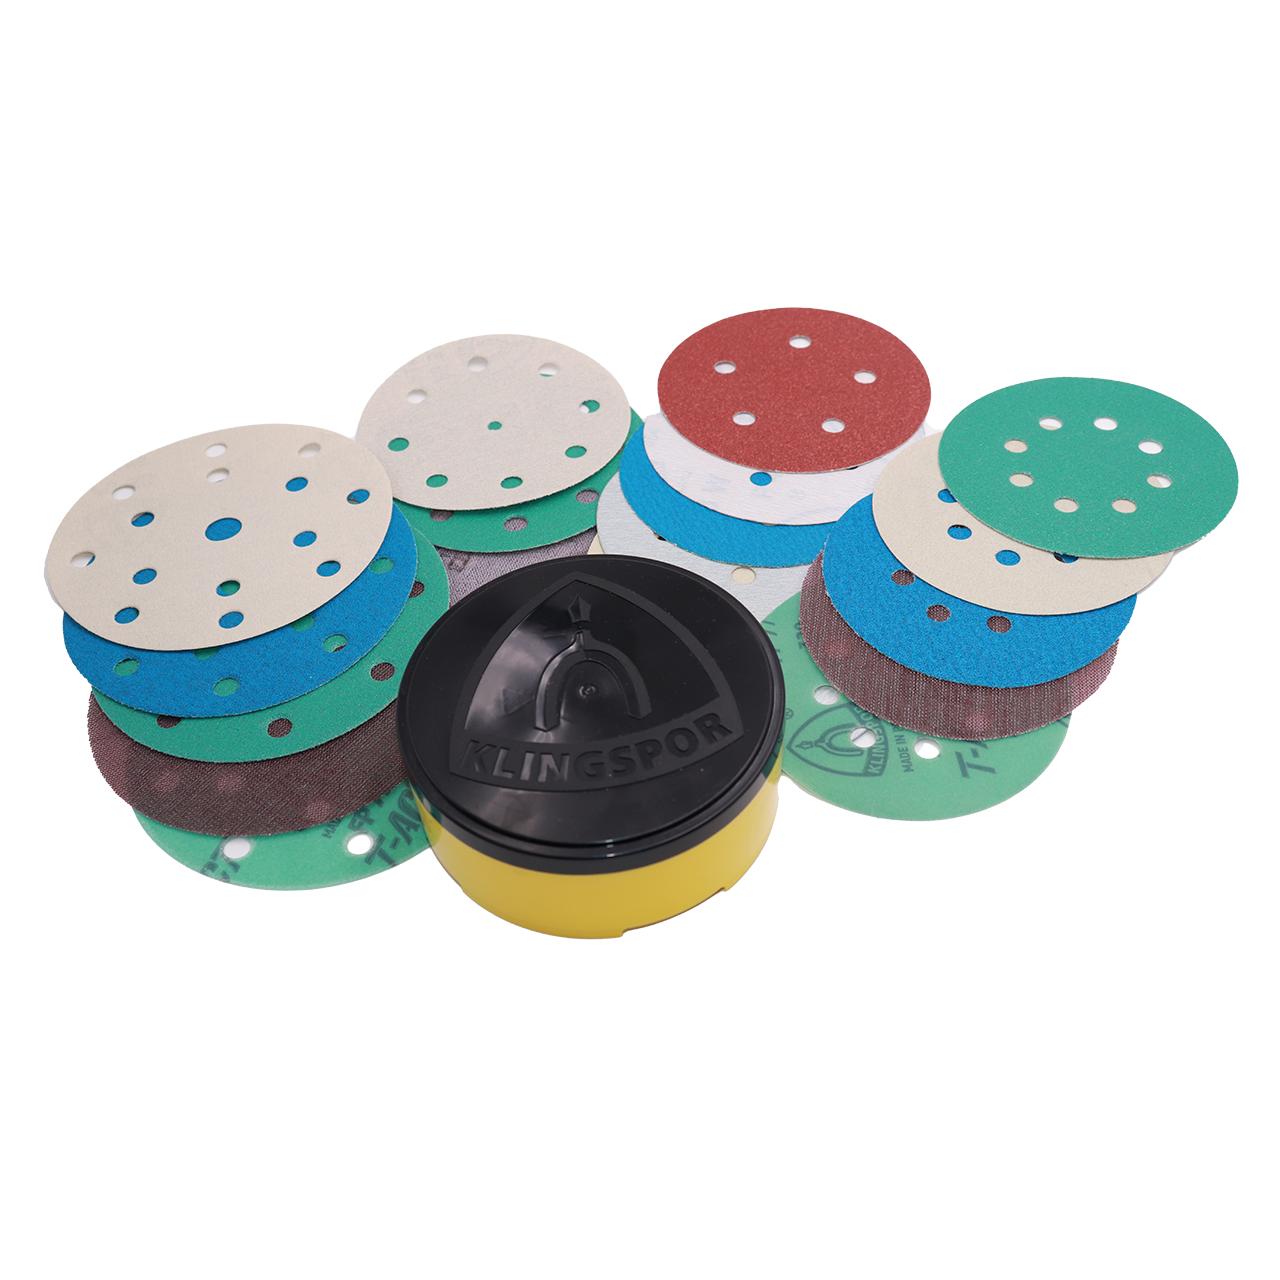 Klingspor Abrasives Disc Sampler Packs